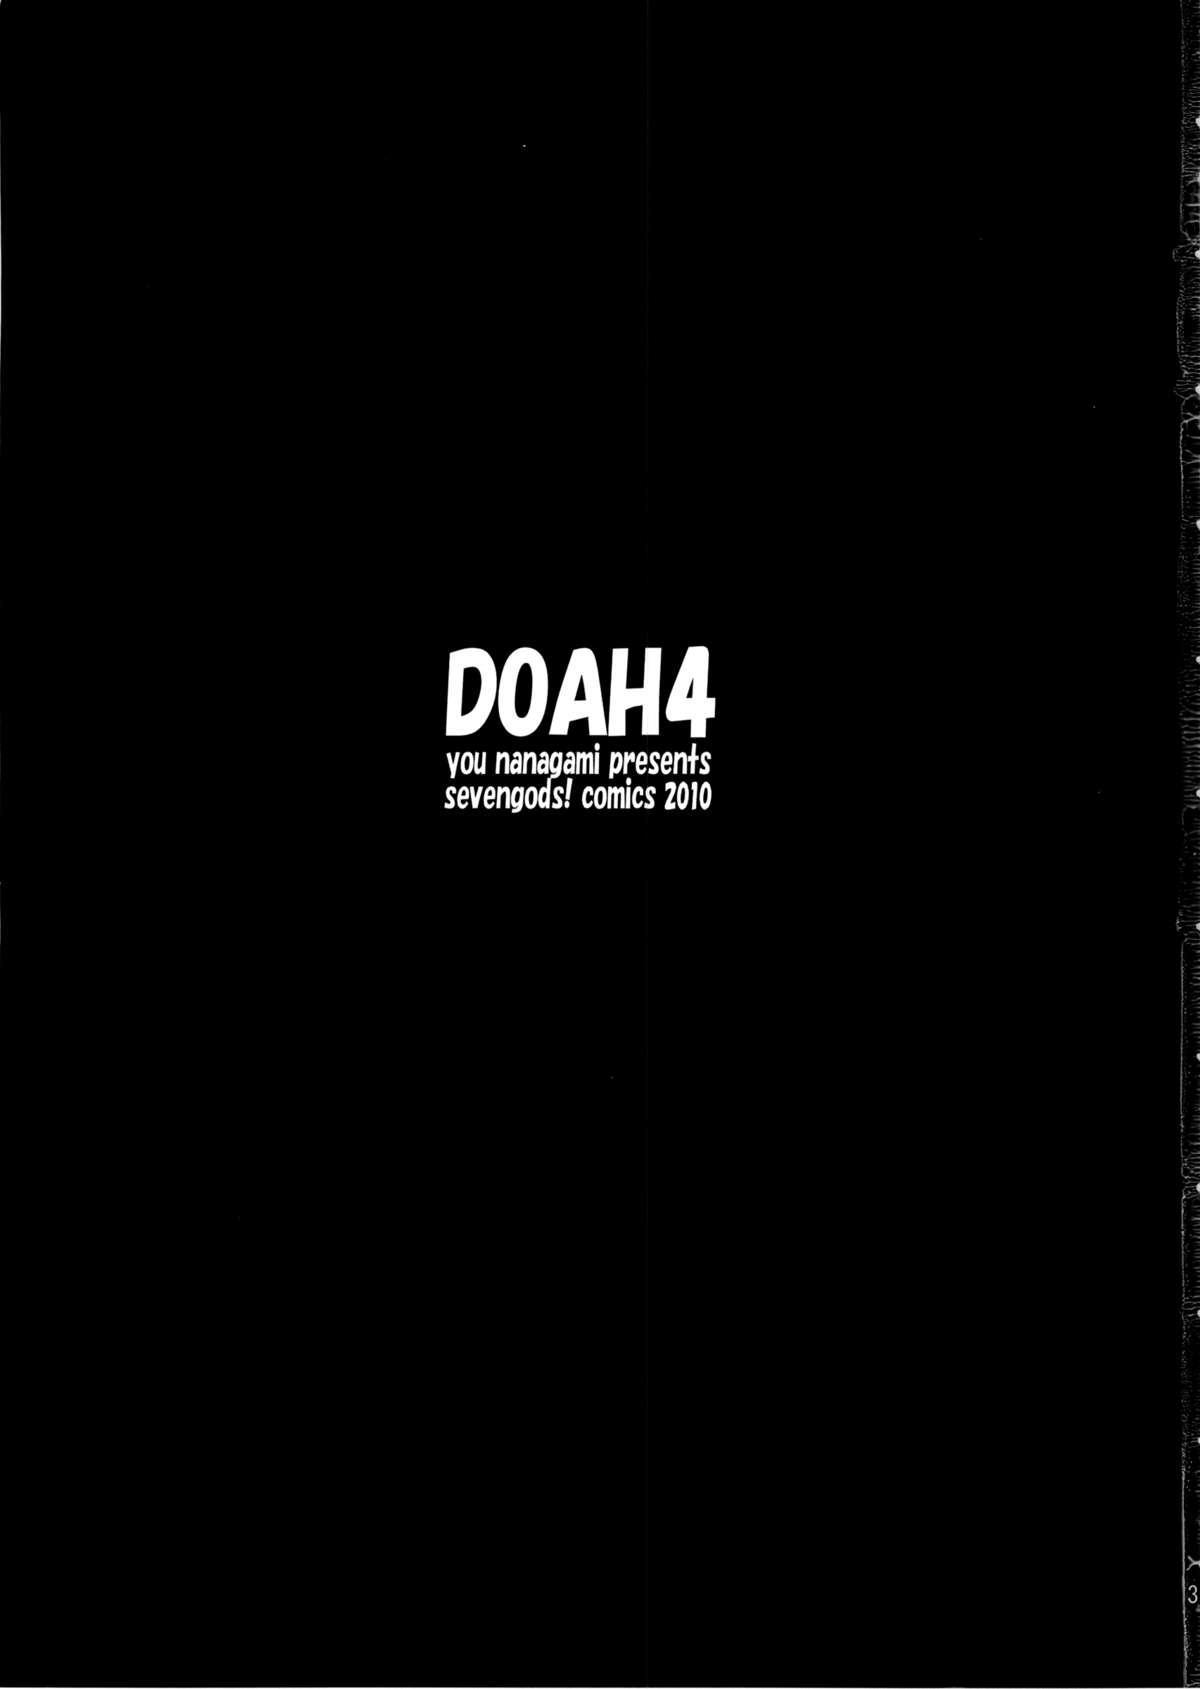 DOAH 4 3